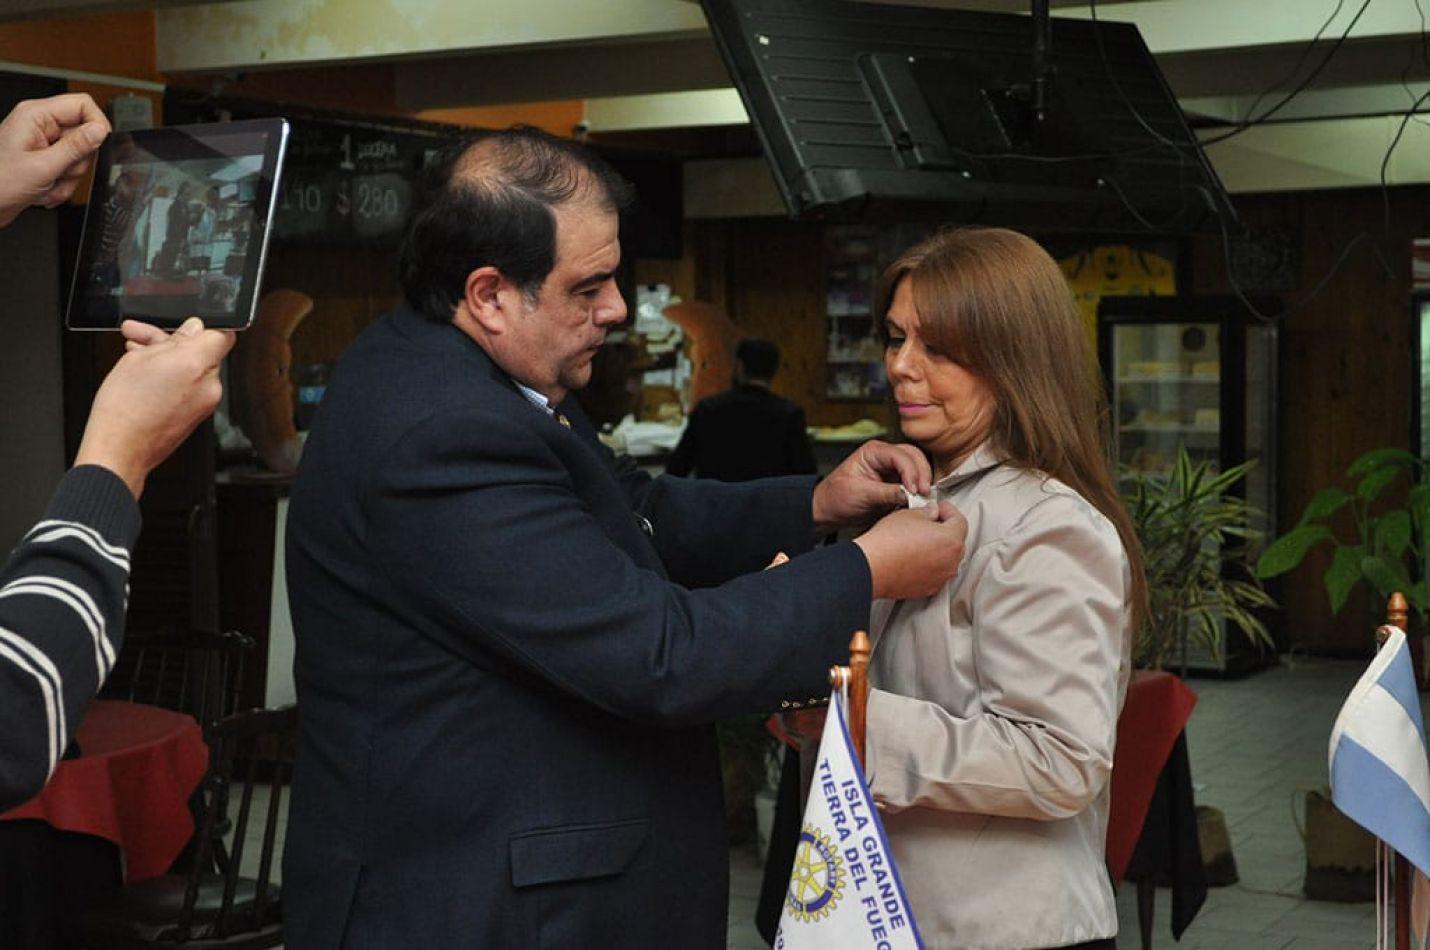 Claudia Ibaldi asumió un nuevo mandato como presidente del Rotary Club Isla Grande, tras la entrega del pim por el past presidente Felipe González la